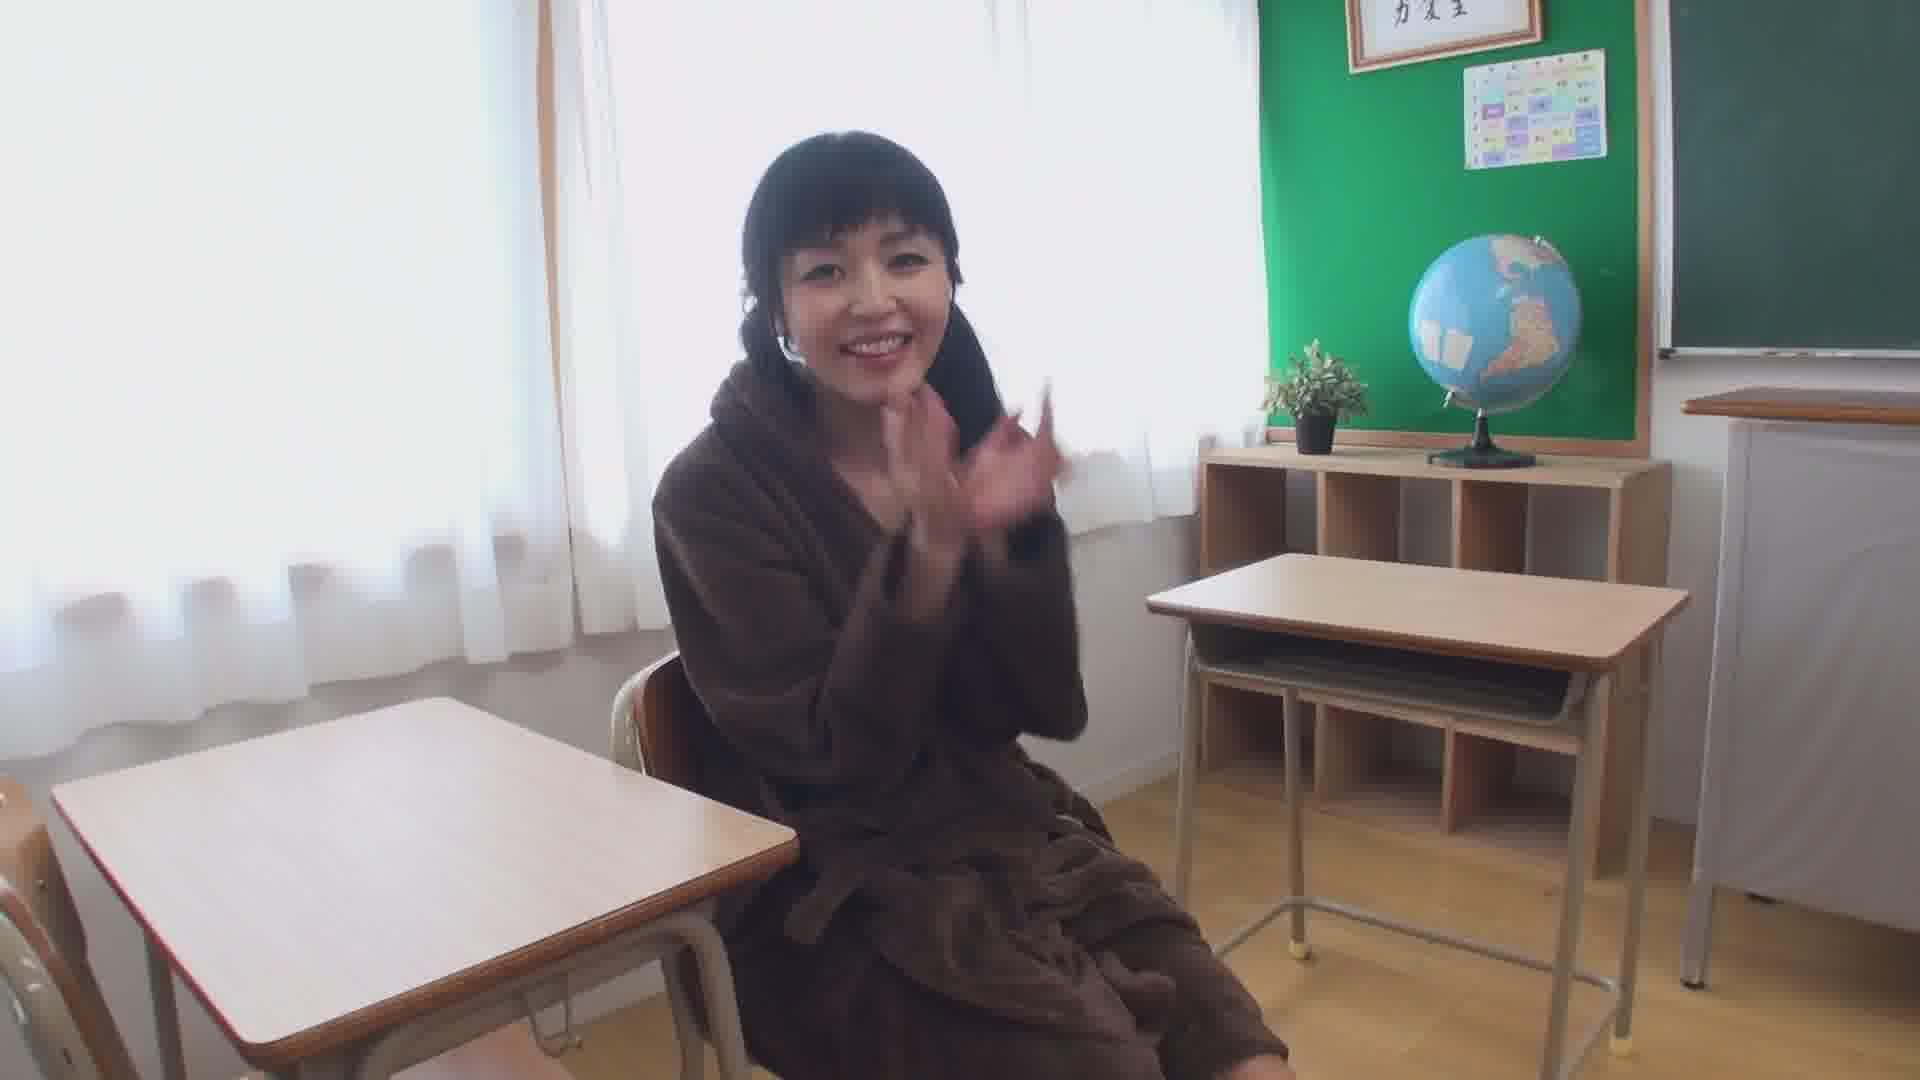 何度もイった放課後の机の上でもう一度 - まりか【制服・潮吹き・中出し】